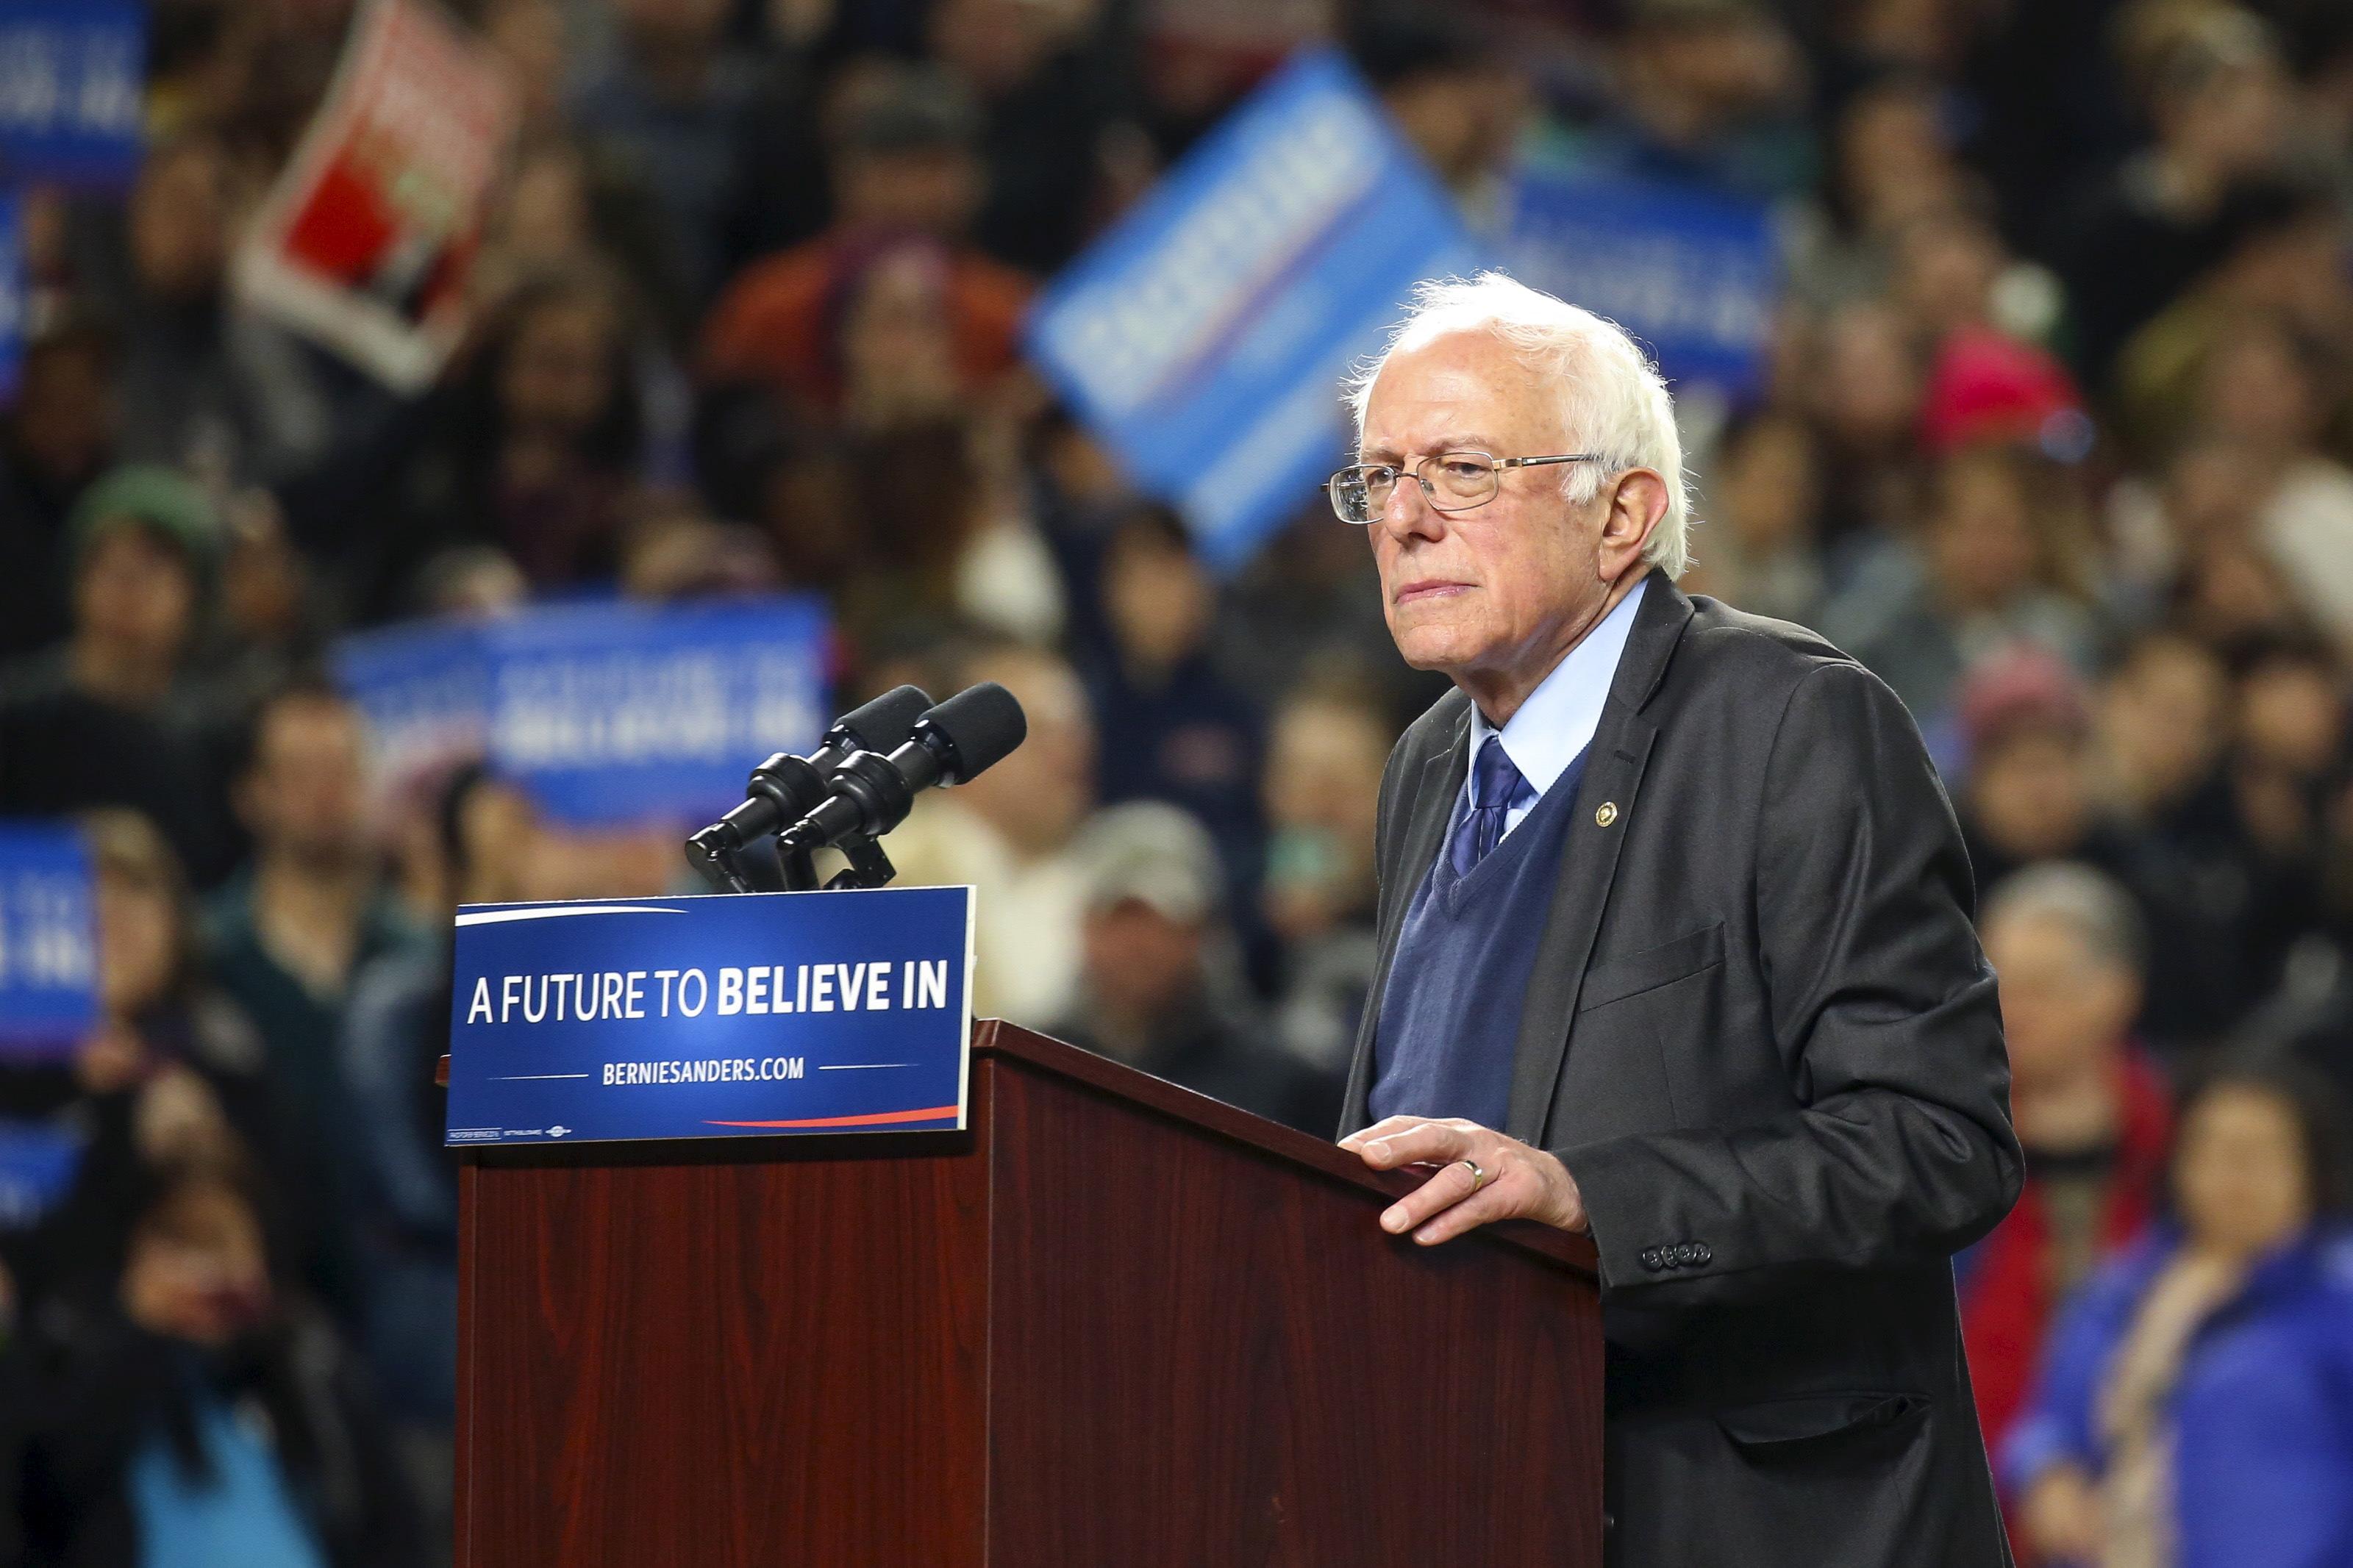 El candidato demócrata Bernie Sanders. Reuters